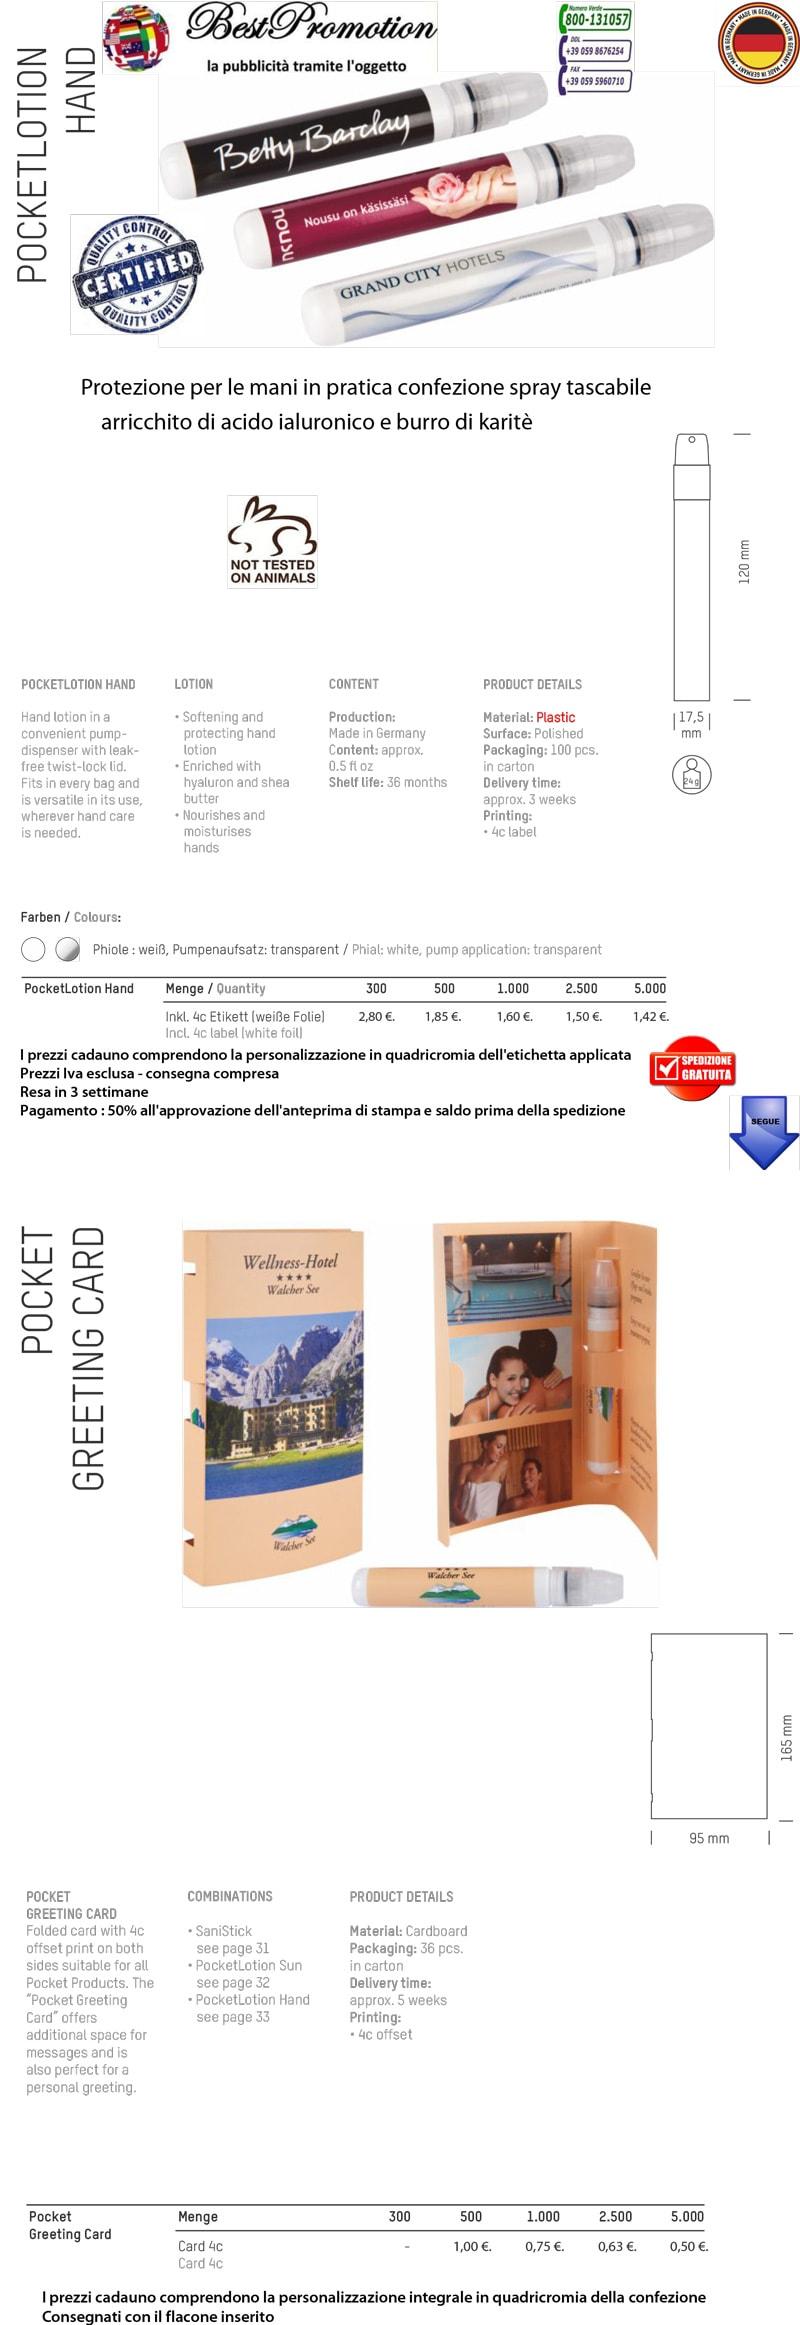 Protezione per le mani in pratica confezione spray tascabile arricchito di acido ialuronico e burro di karitè